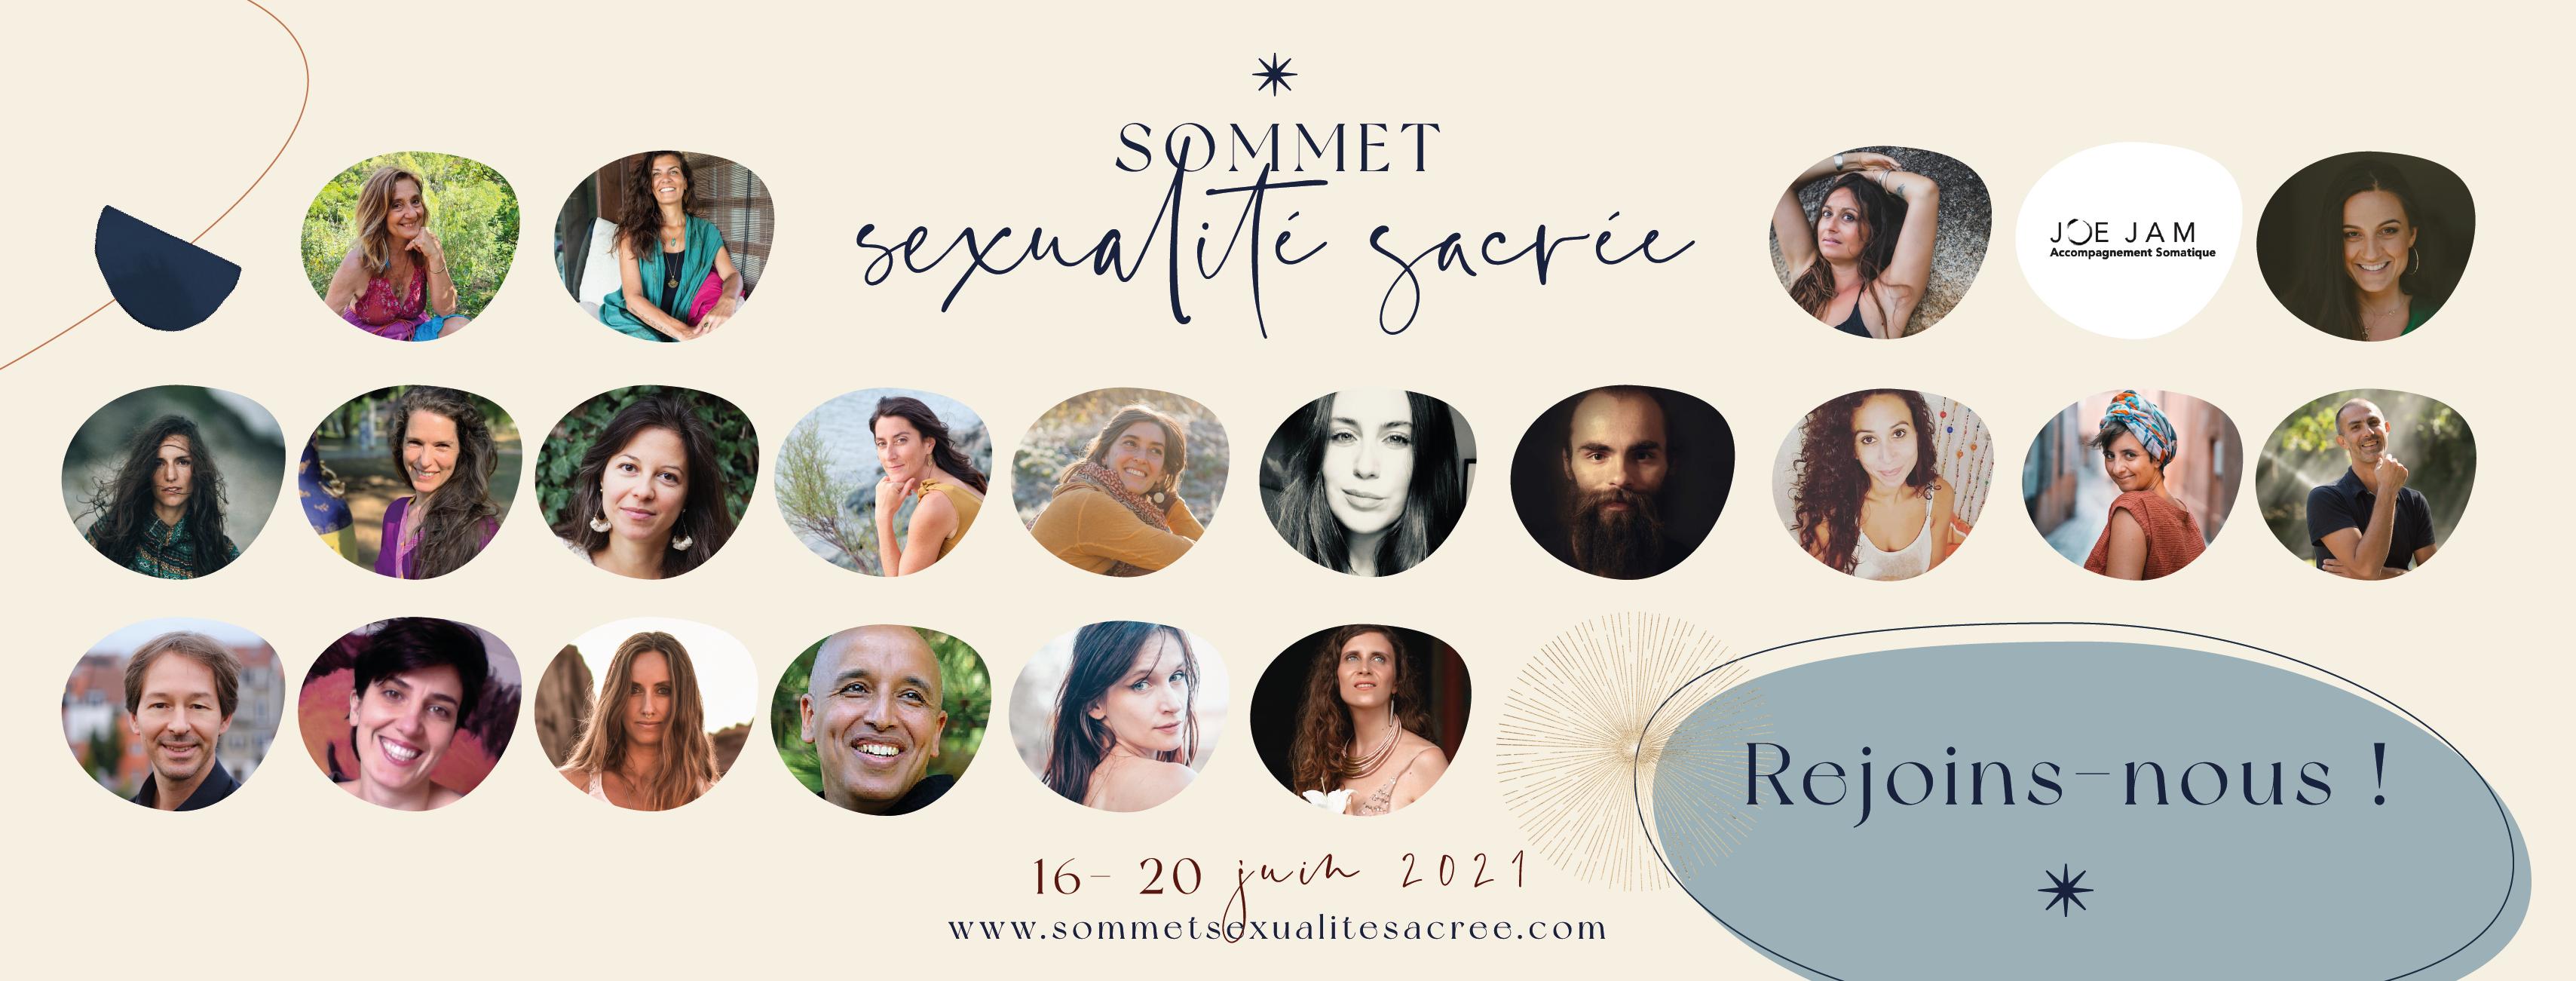 Sommet de la sexualité sacrée